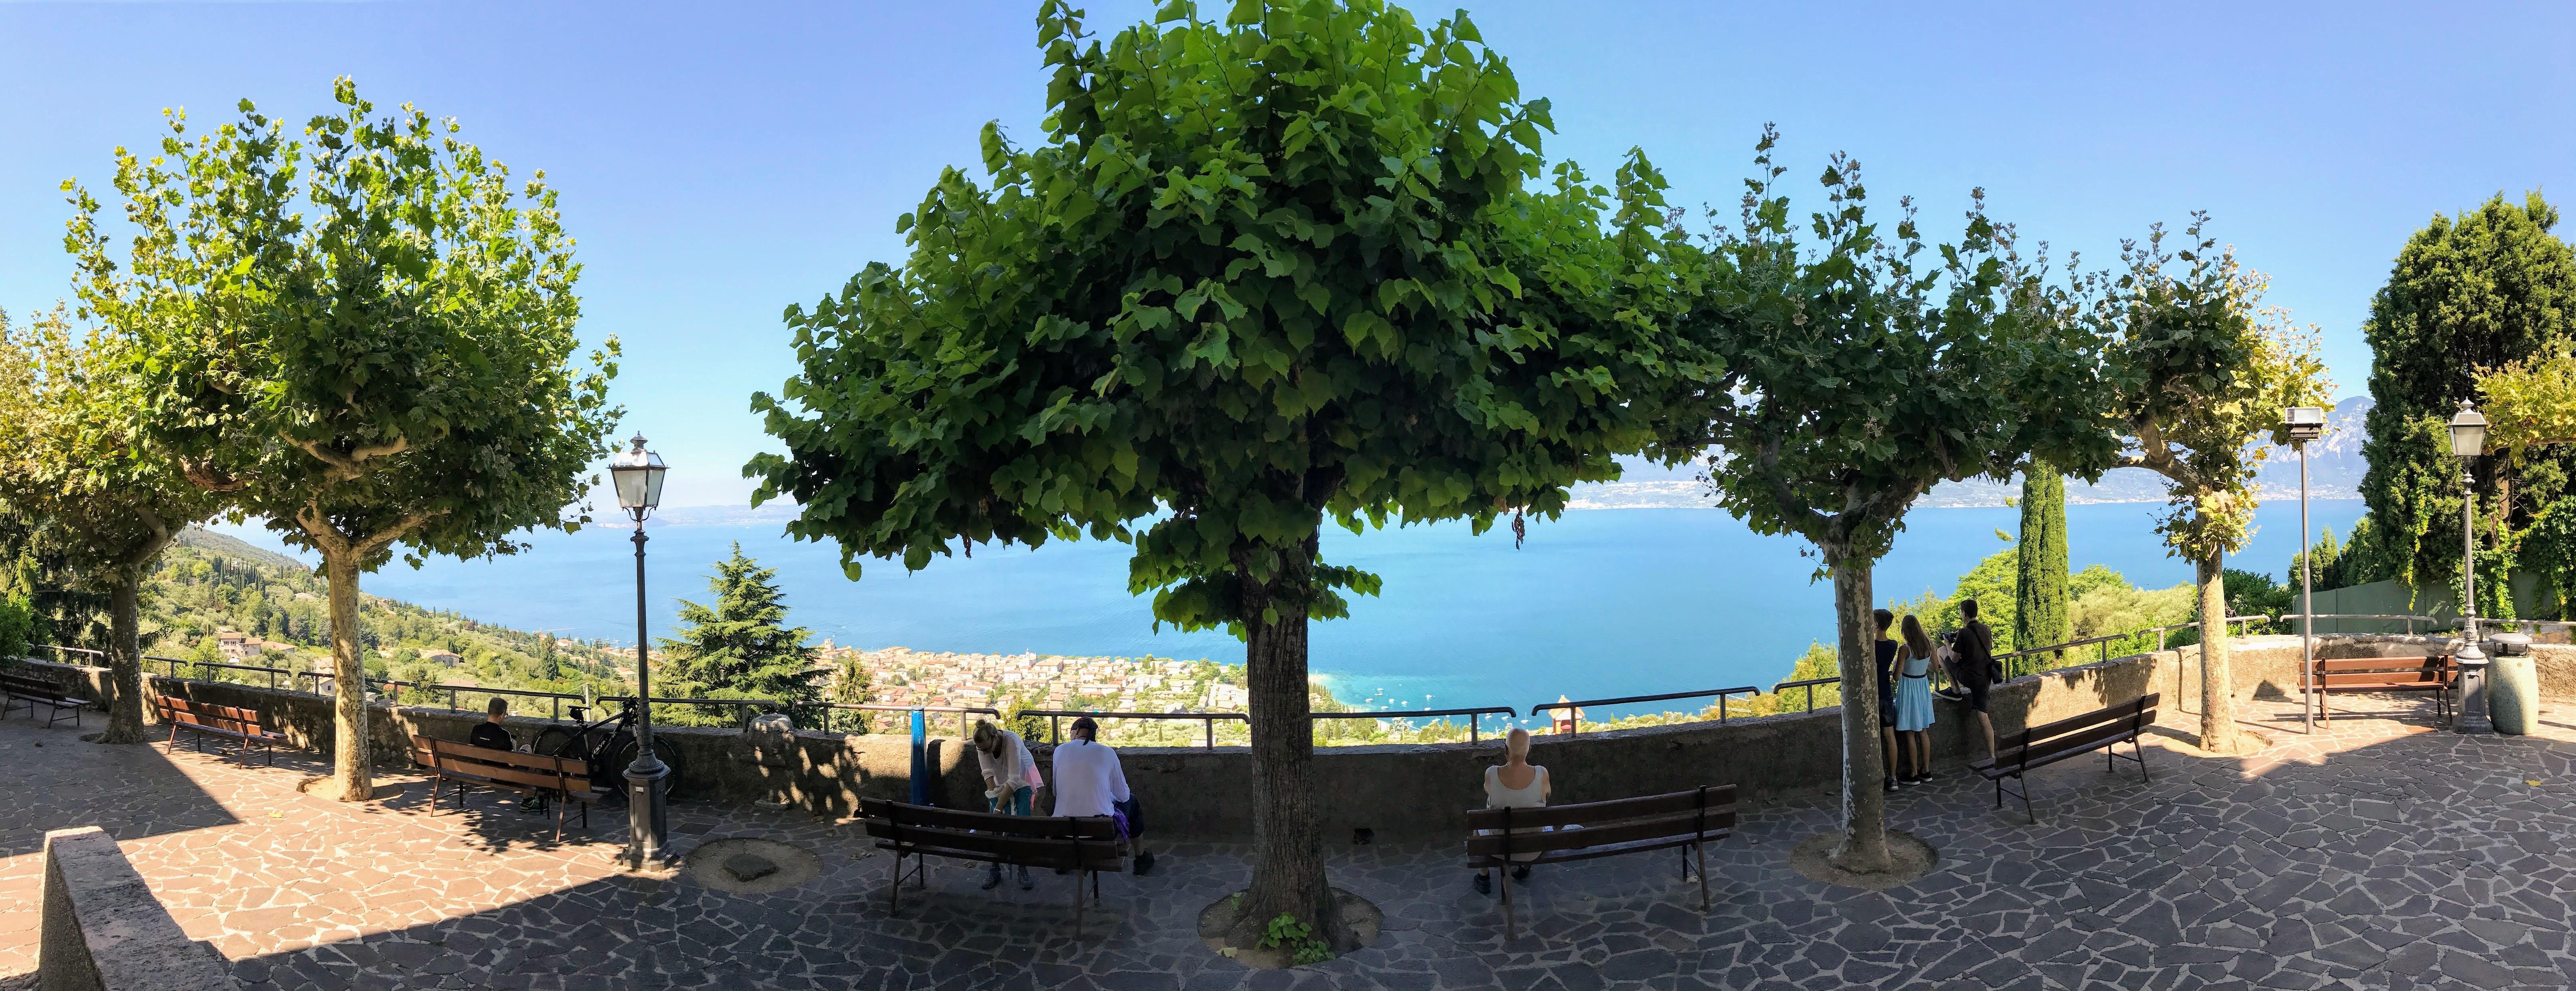 Uitzicht Gardameer Albisano